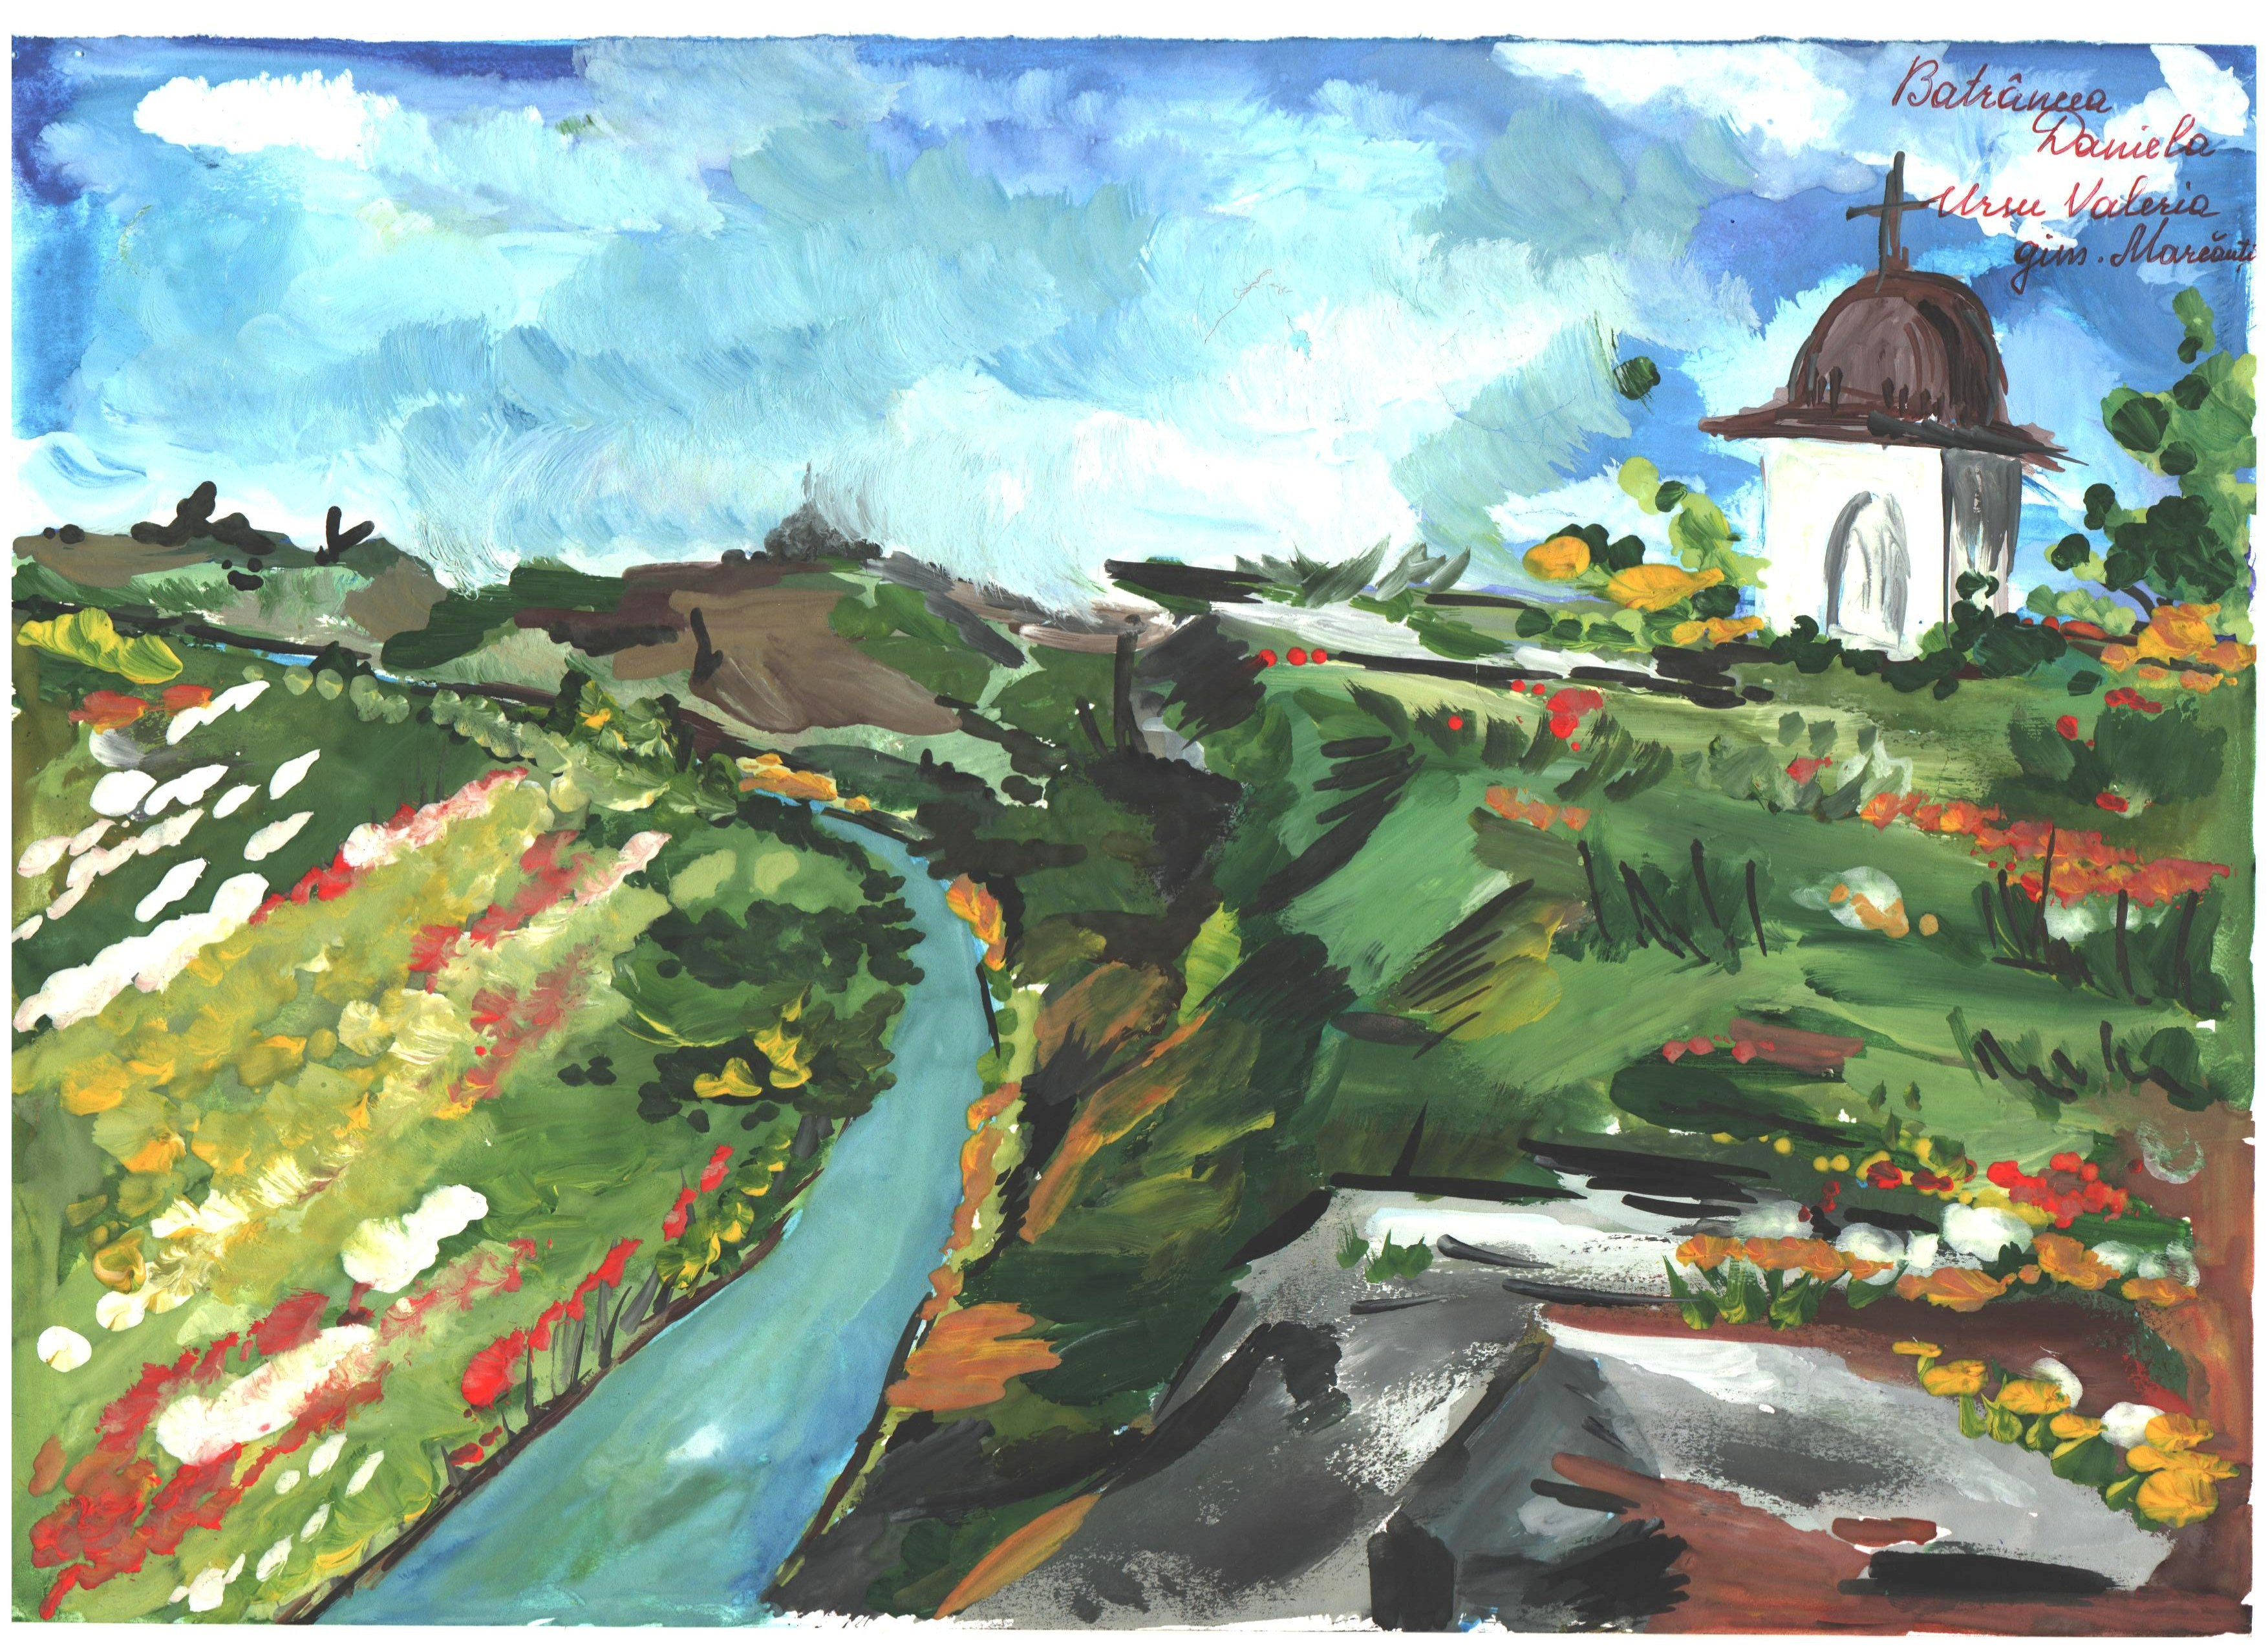 Carte poștală creată de Daniela Batrîncea și Valeria Ursu, s. Marcăuţi